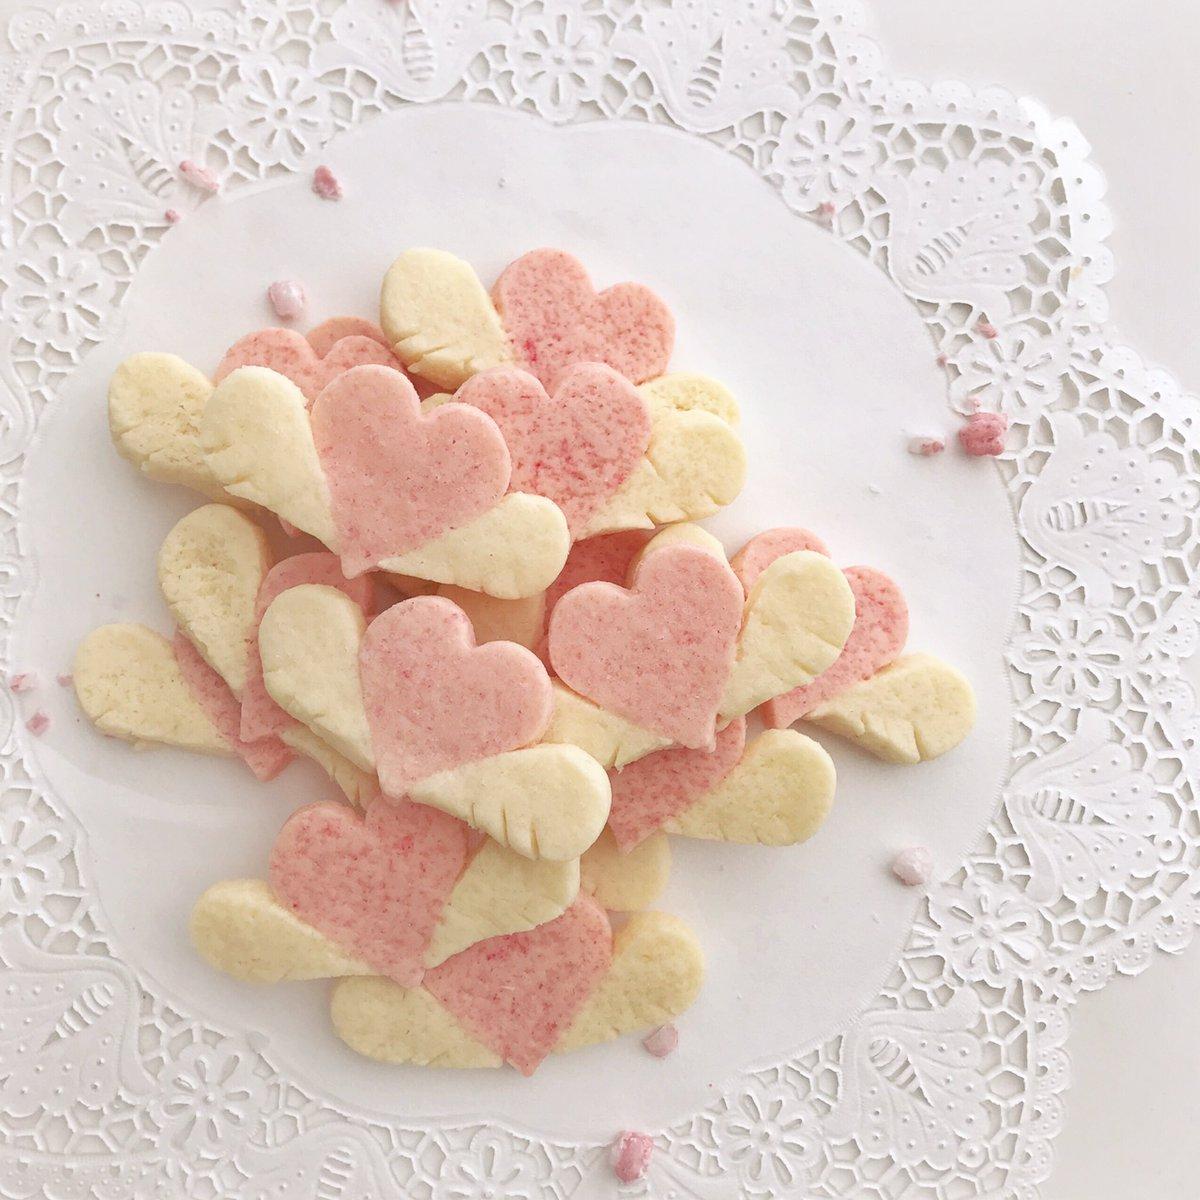 ハートのCookie と、 パイを焼いたにゃん  Valentine第2弾 🐱